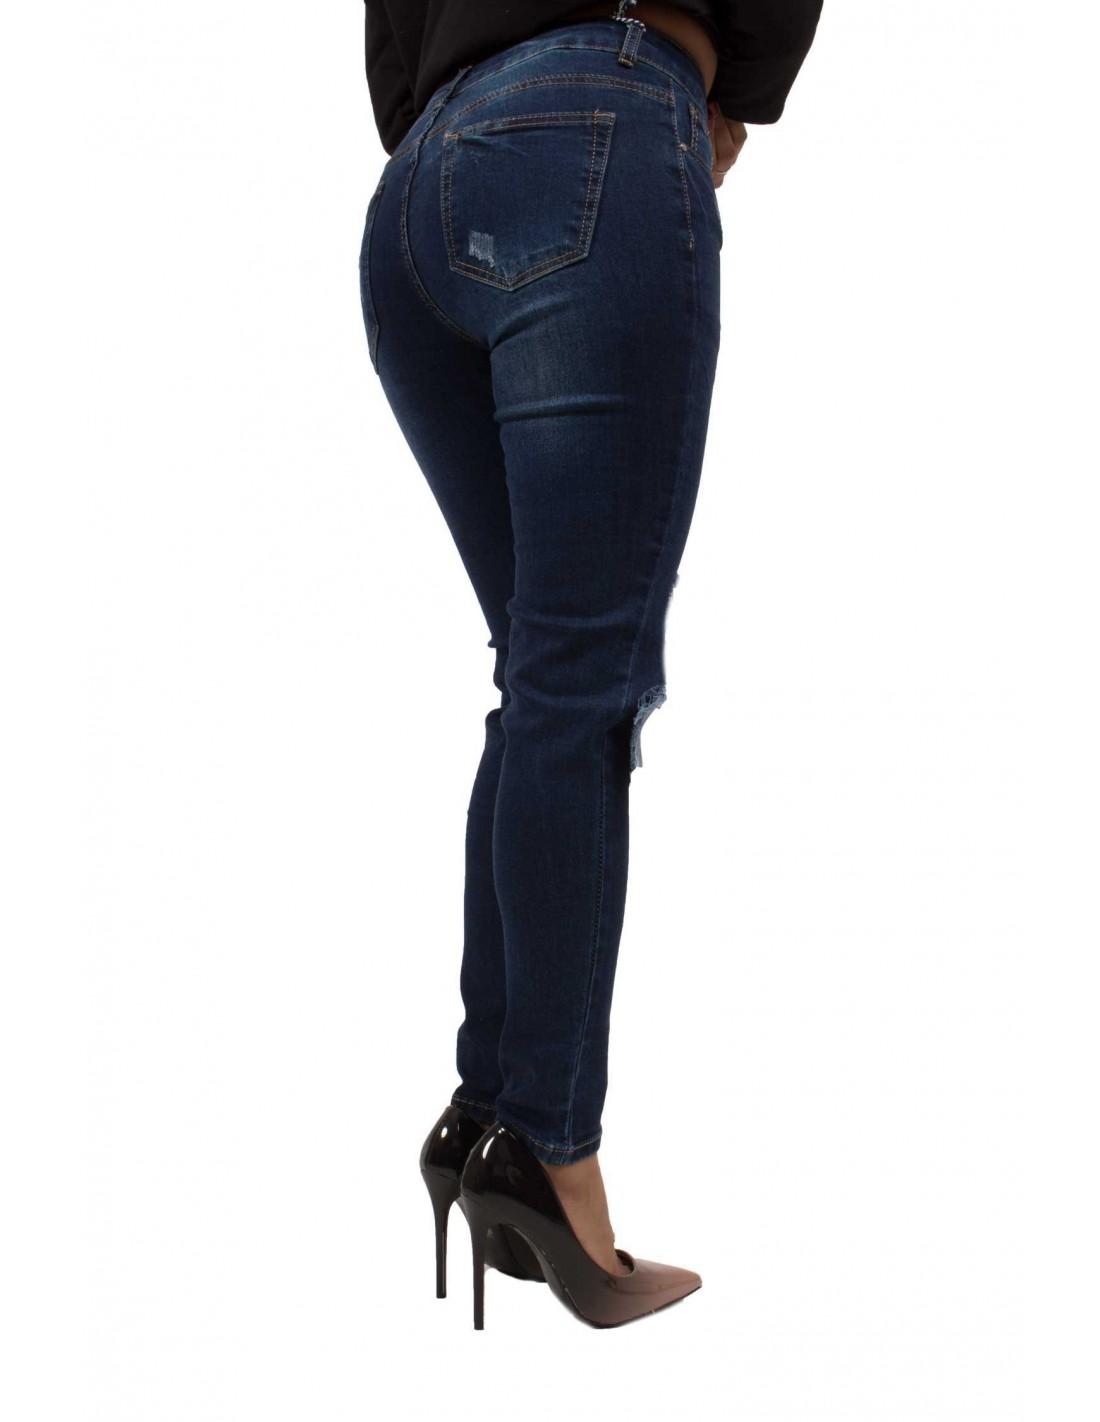 ... Jean femme troué avec collant résille noir intégré taille haute coupe  slim bleu délavé ... ffca073c8da8